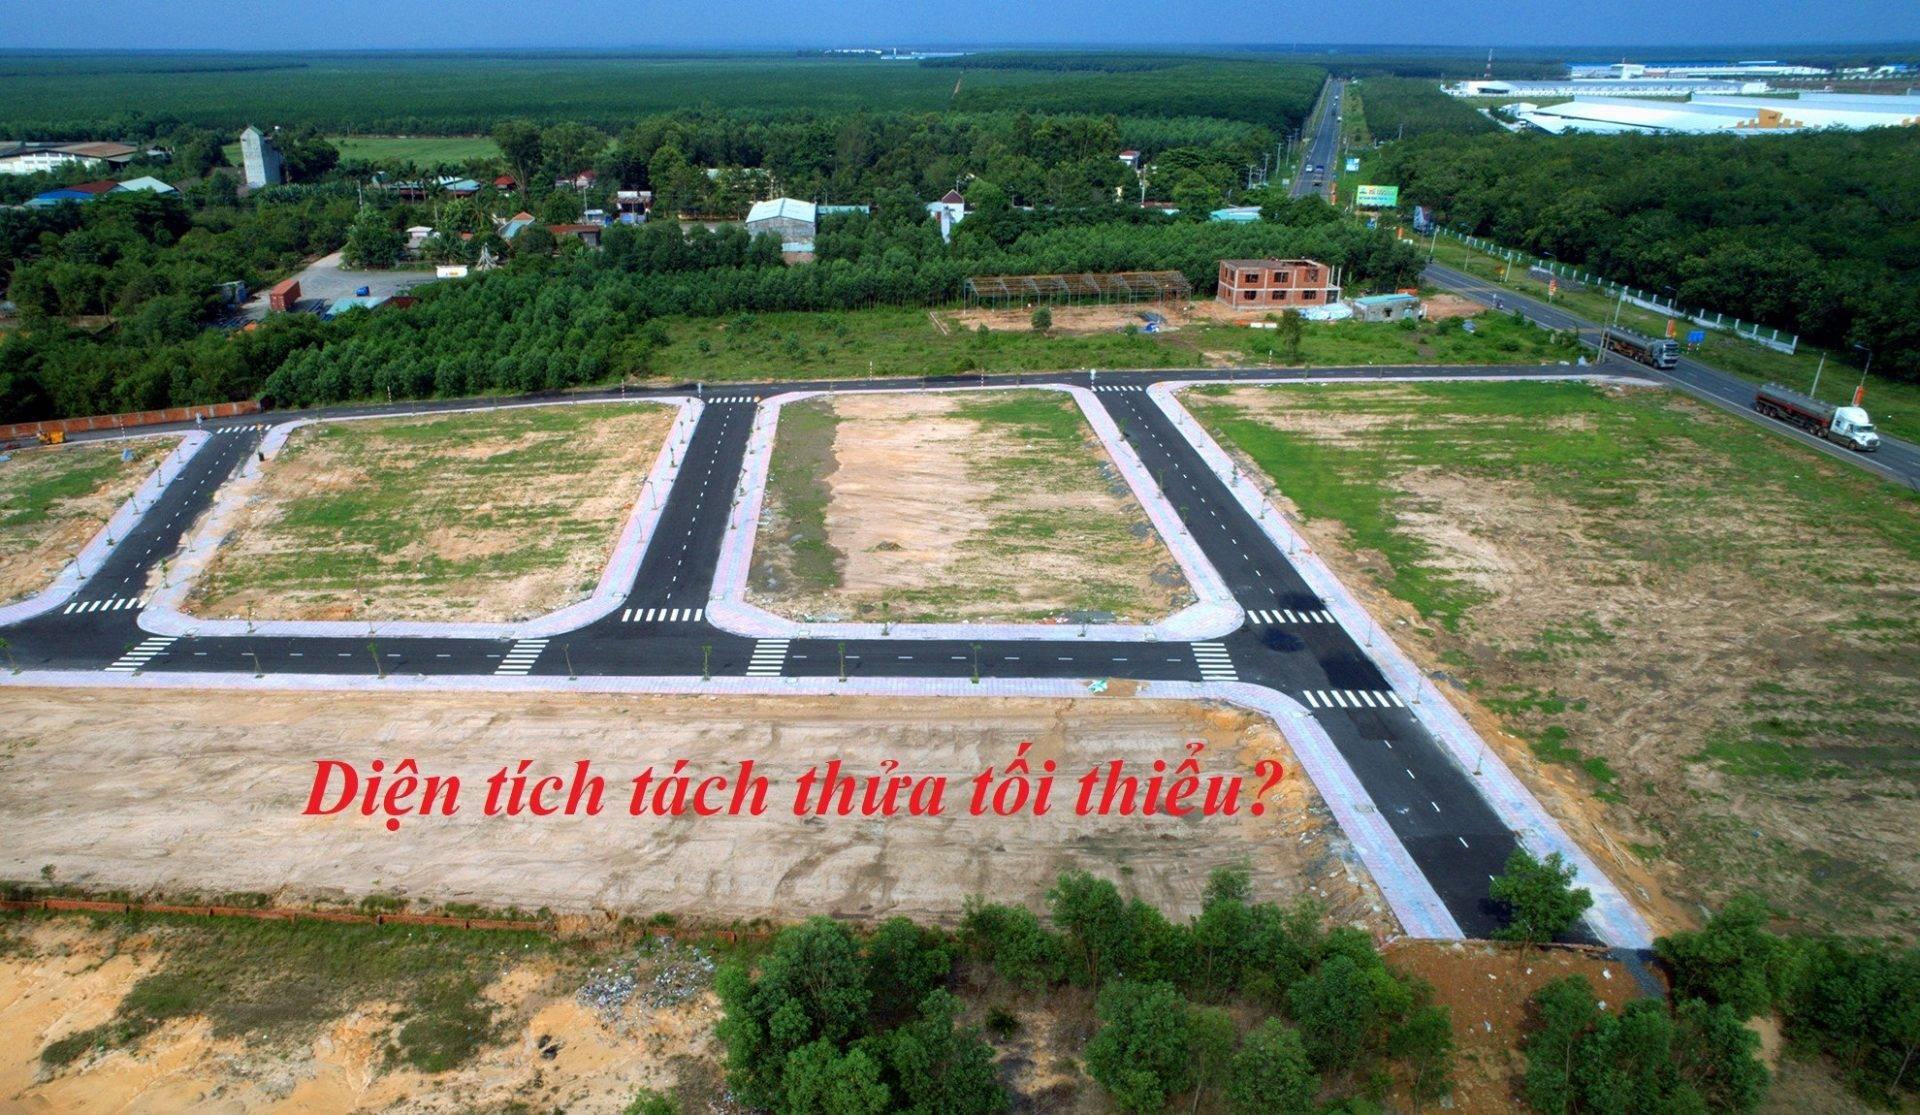 quy định diện tích một nền đất bao nhiêu m2 thì được tách thửa